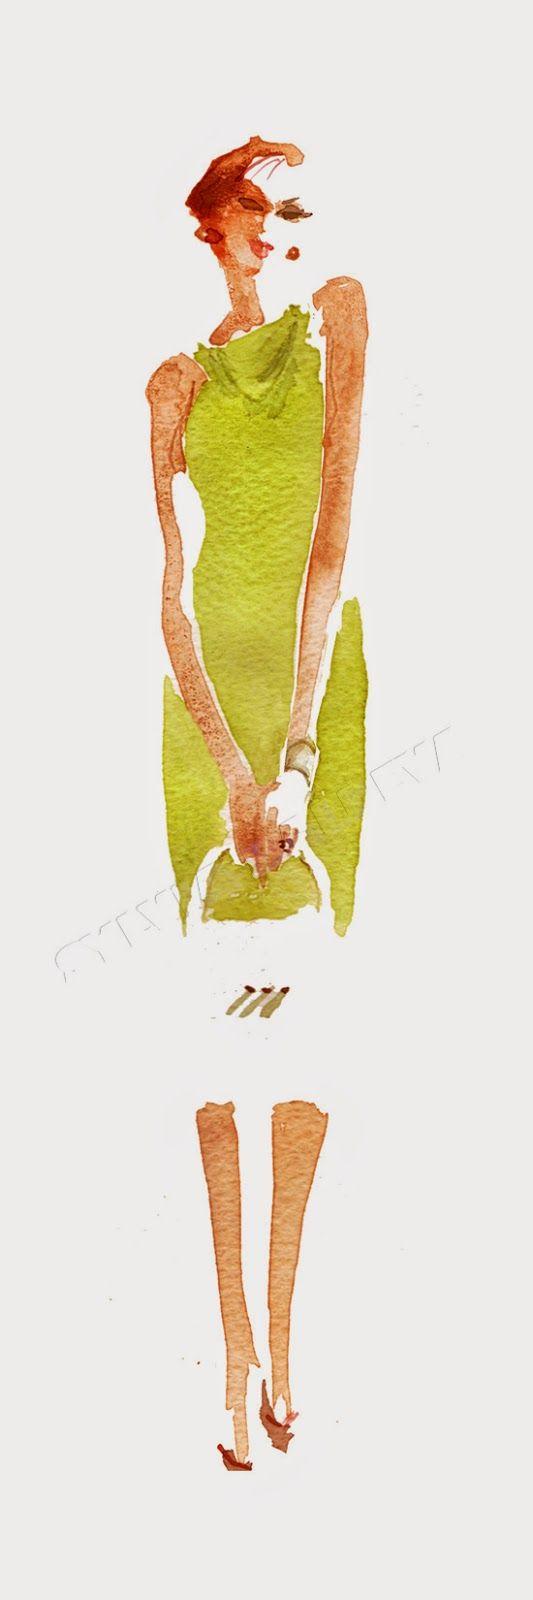 Illustration de Mode - Sylvia Baldeva: Illustration de Mode - Fashion⦠                                                                                                                                                                                Plus